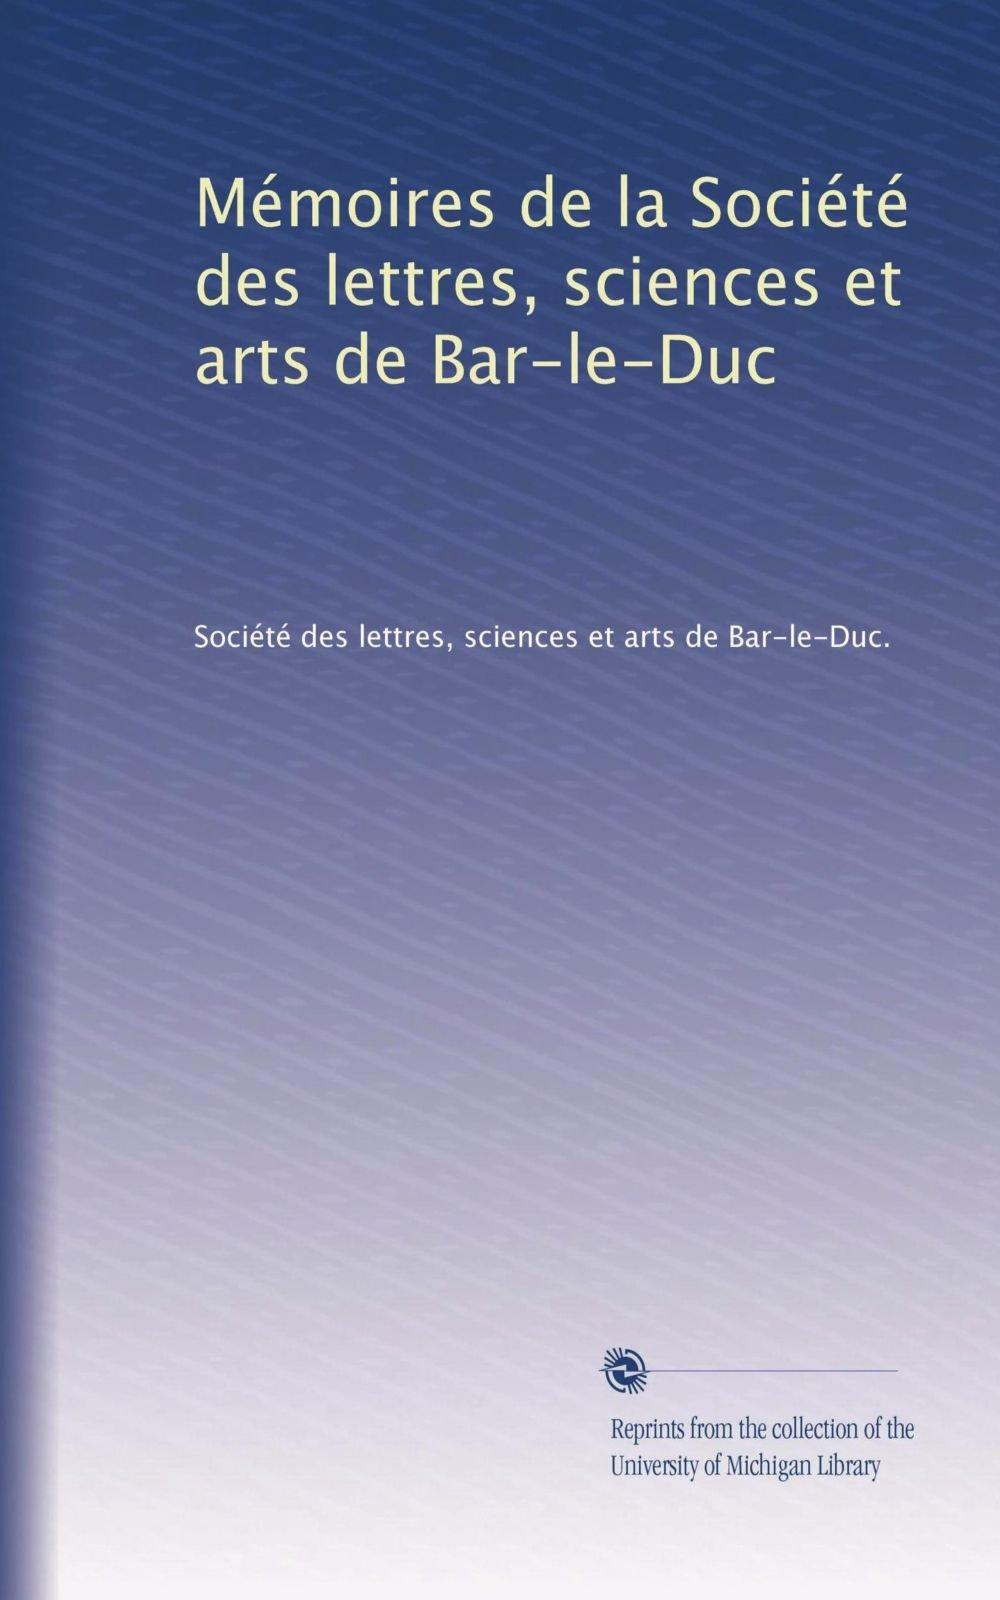 Mémoires de la Société des lettres, sciences et arts de Bar-le-Duc (Volume 32) (French Edition) PDF